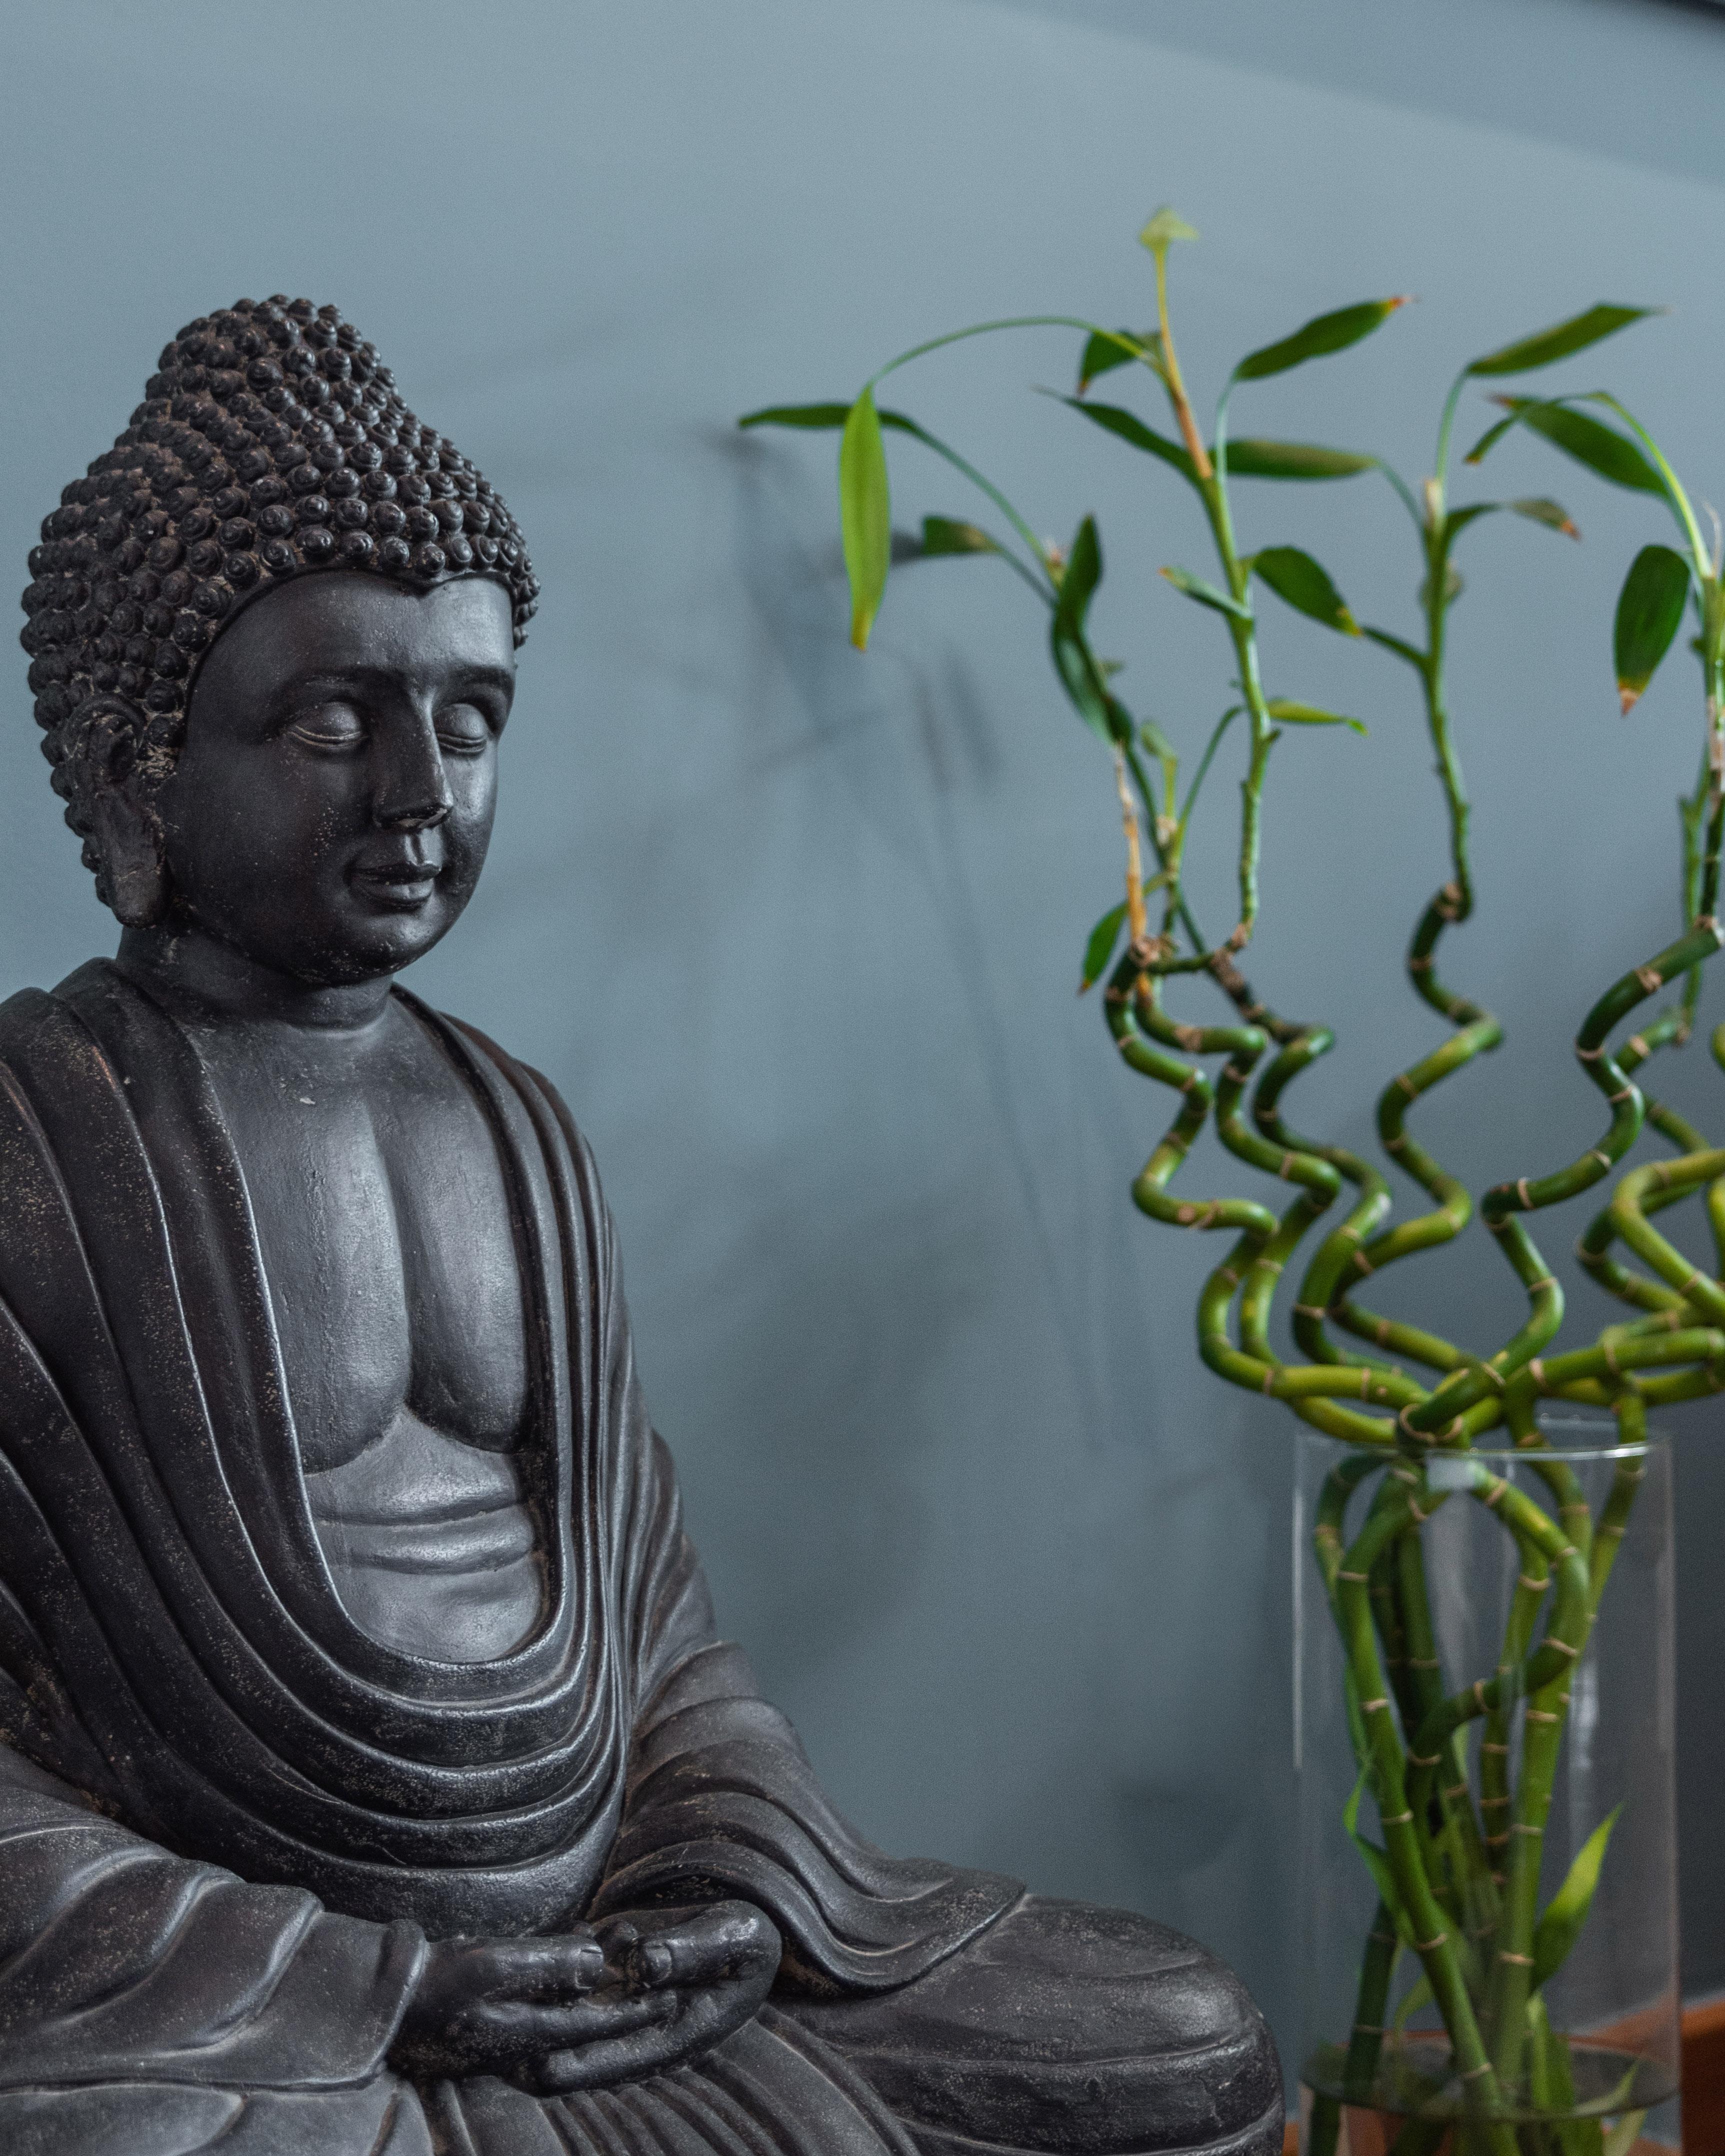 Cantinho de meditação com plantas e uma escultura de Buda.